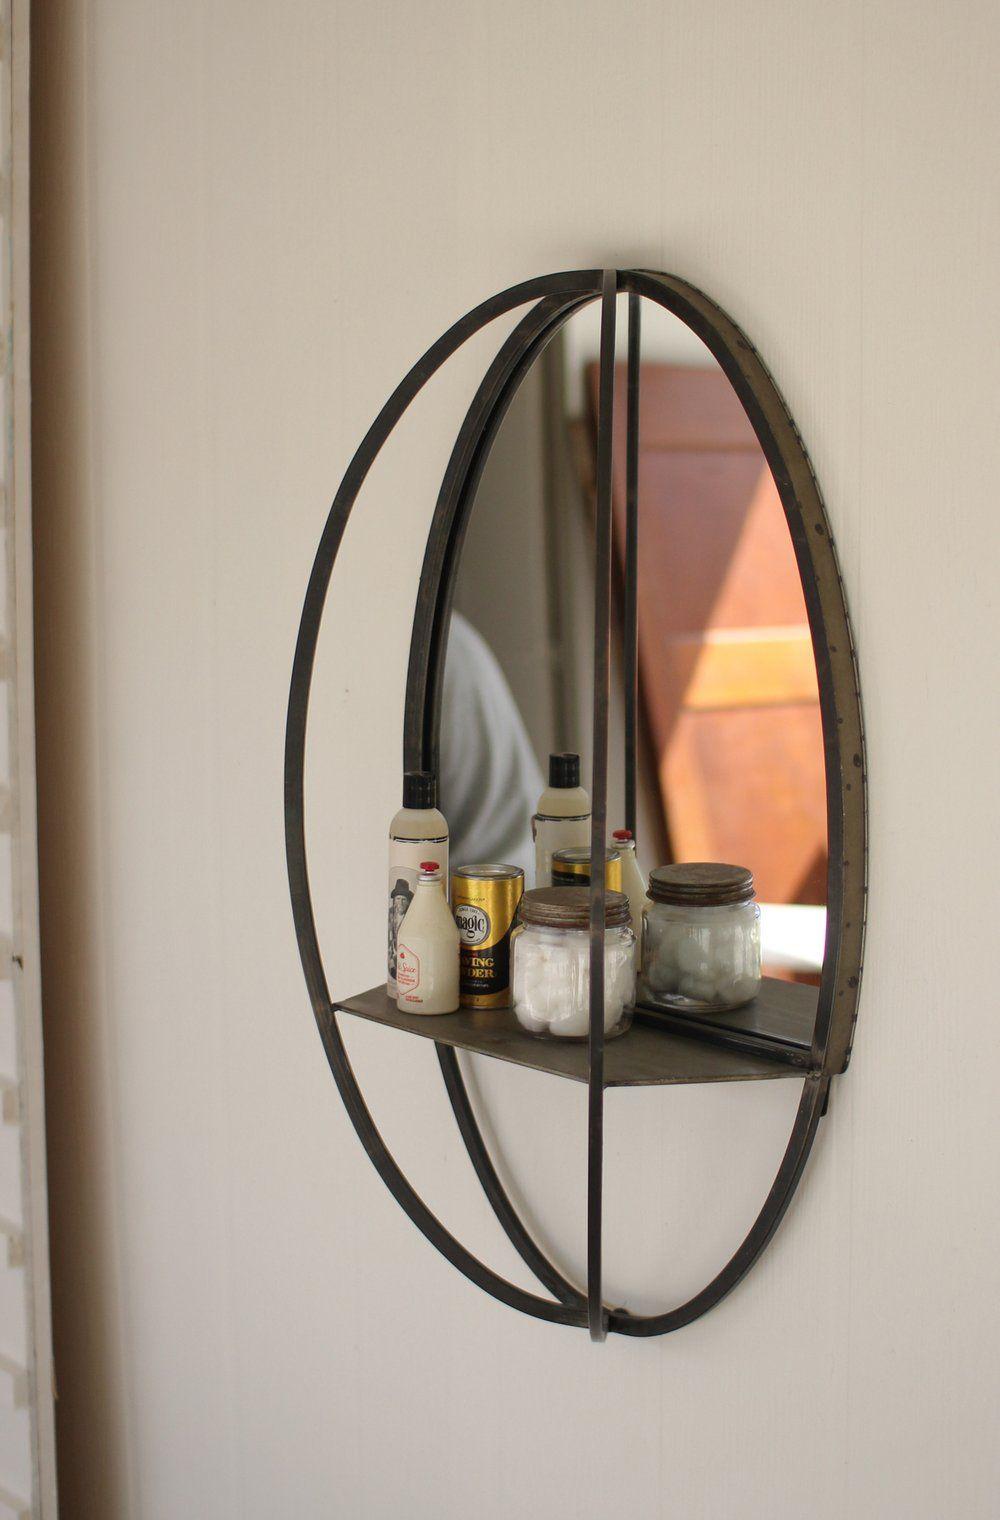 Oval mirror w/ wall shelf in 2020 Oval mirror, Modern